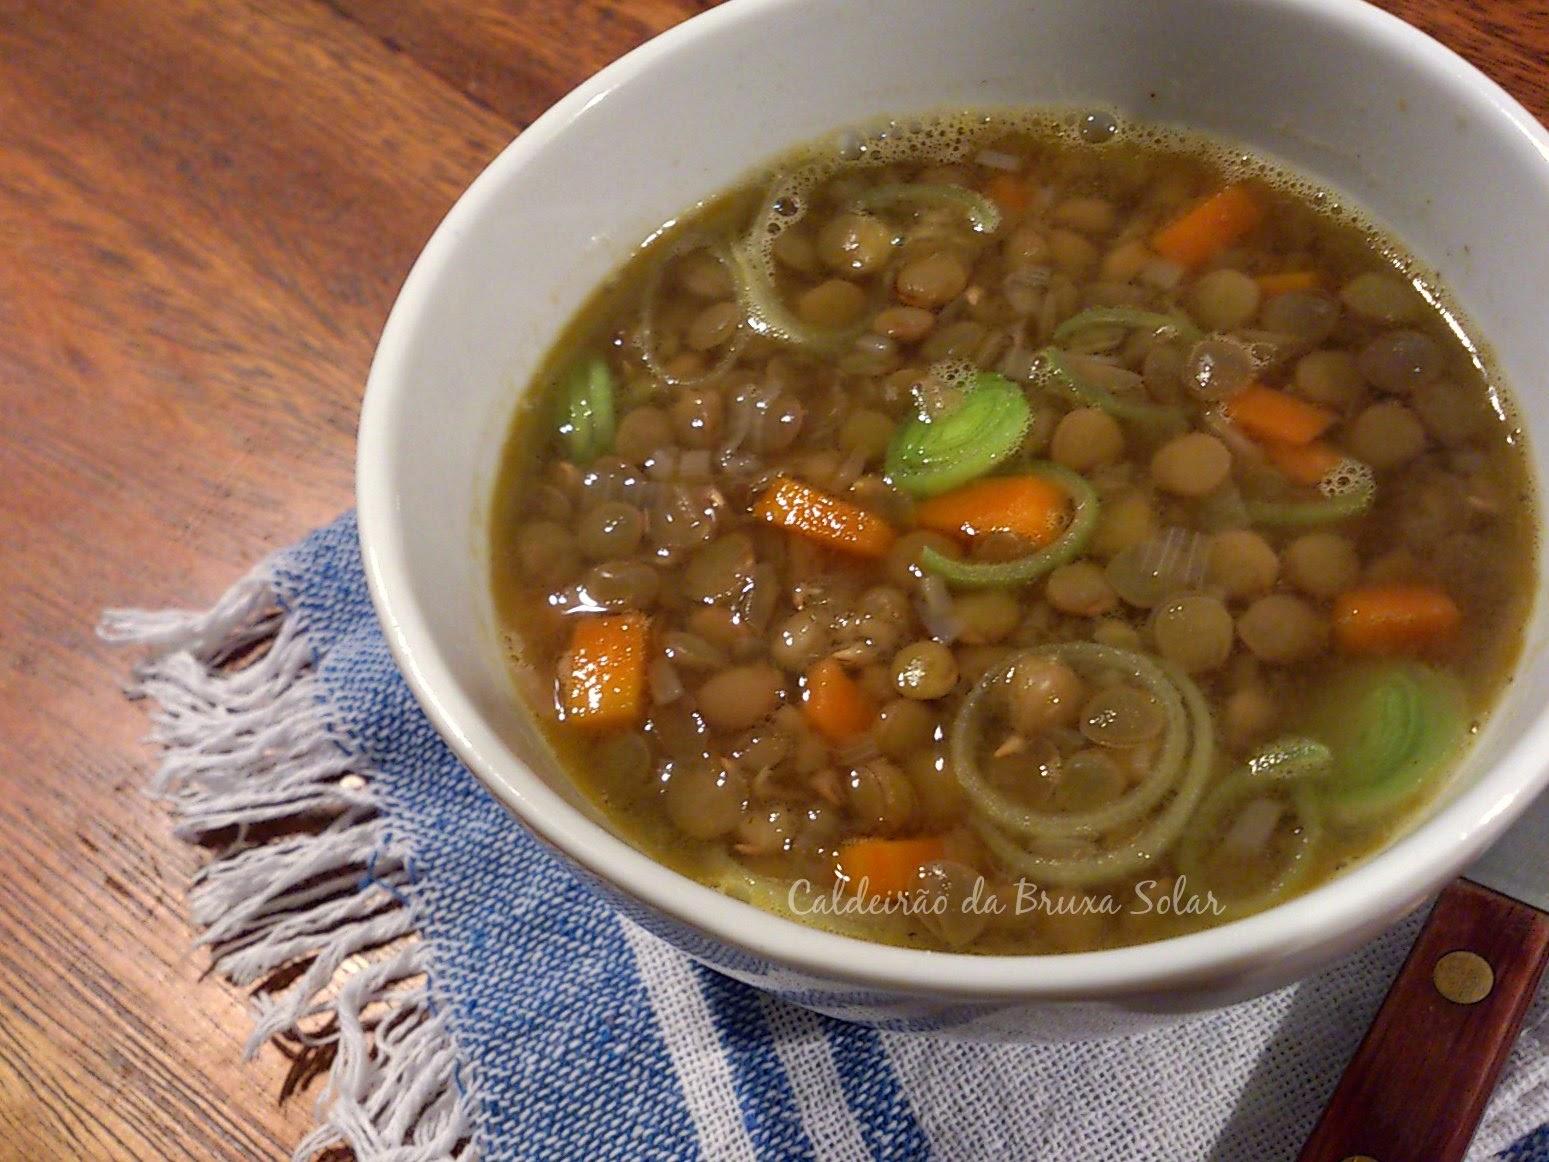 Sopa de lentilha com cenourinha e alho poró